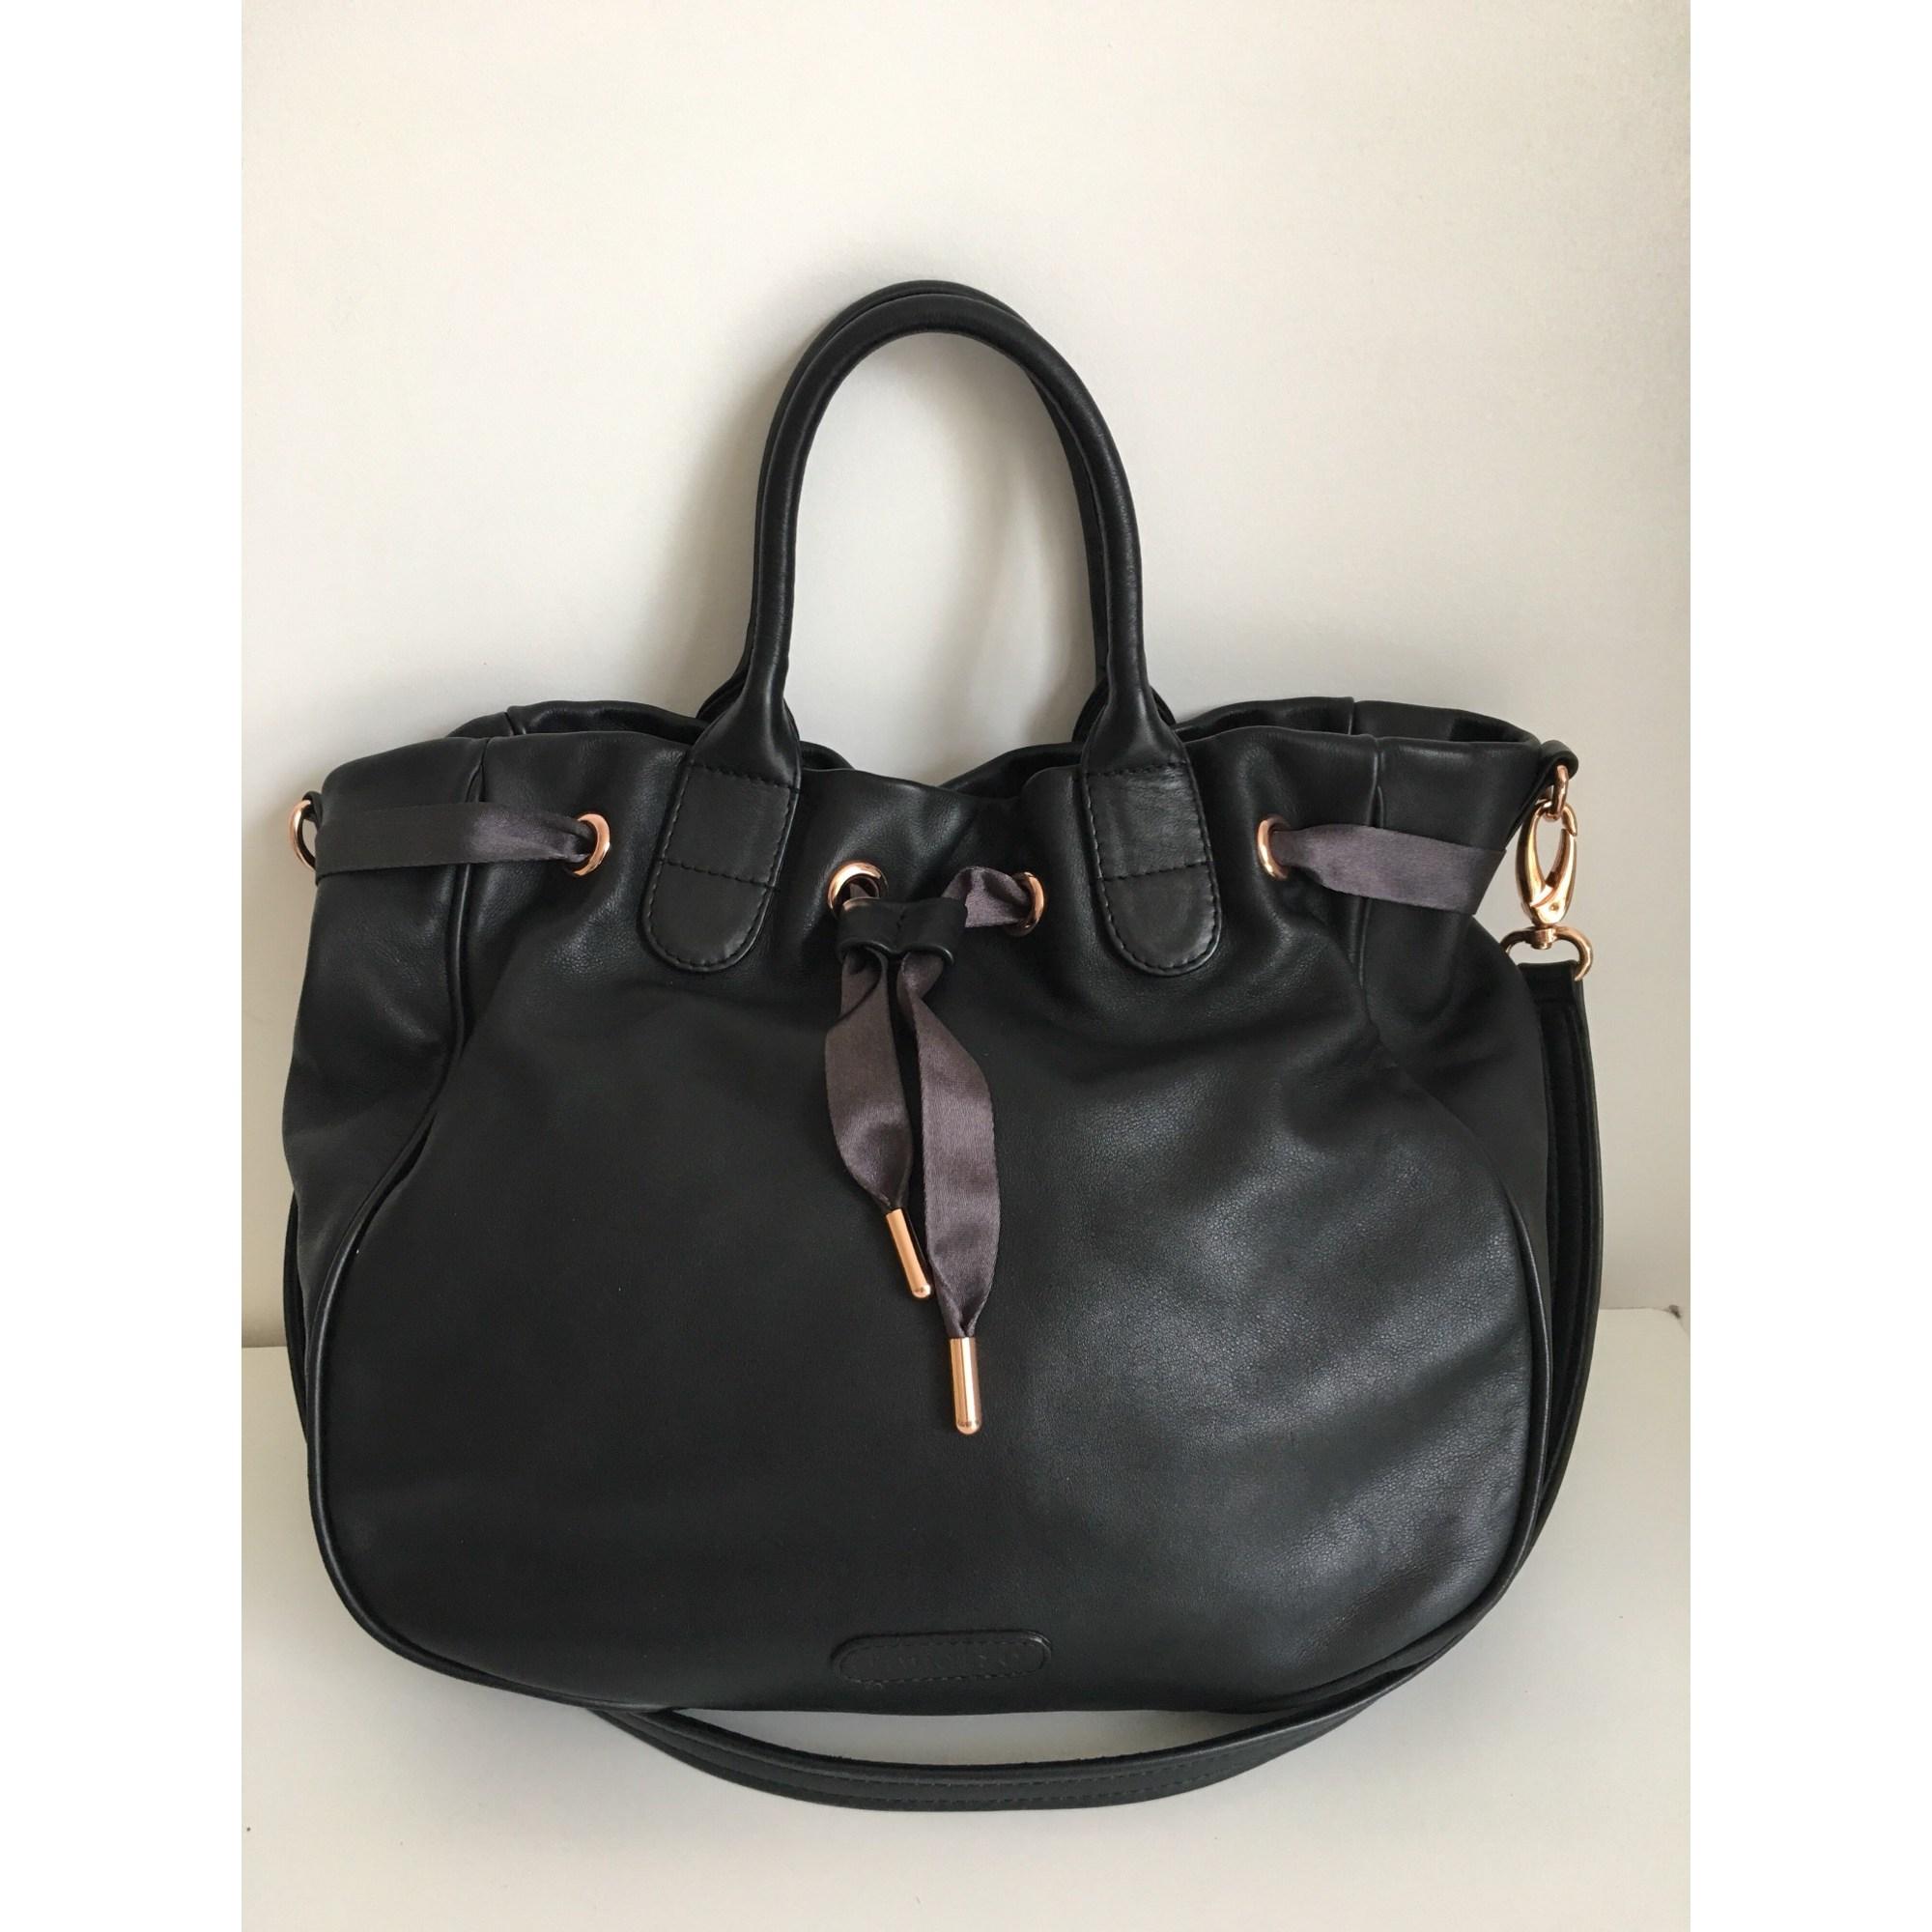 ec8151a4aa Sac à main en cuir REPETTO noir vendu par Marie laurence 22 - 8009103